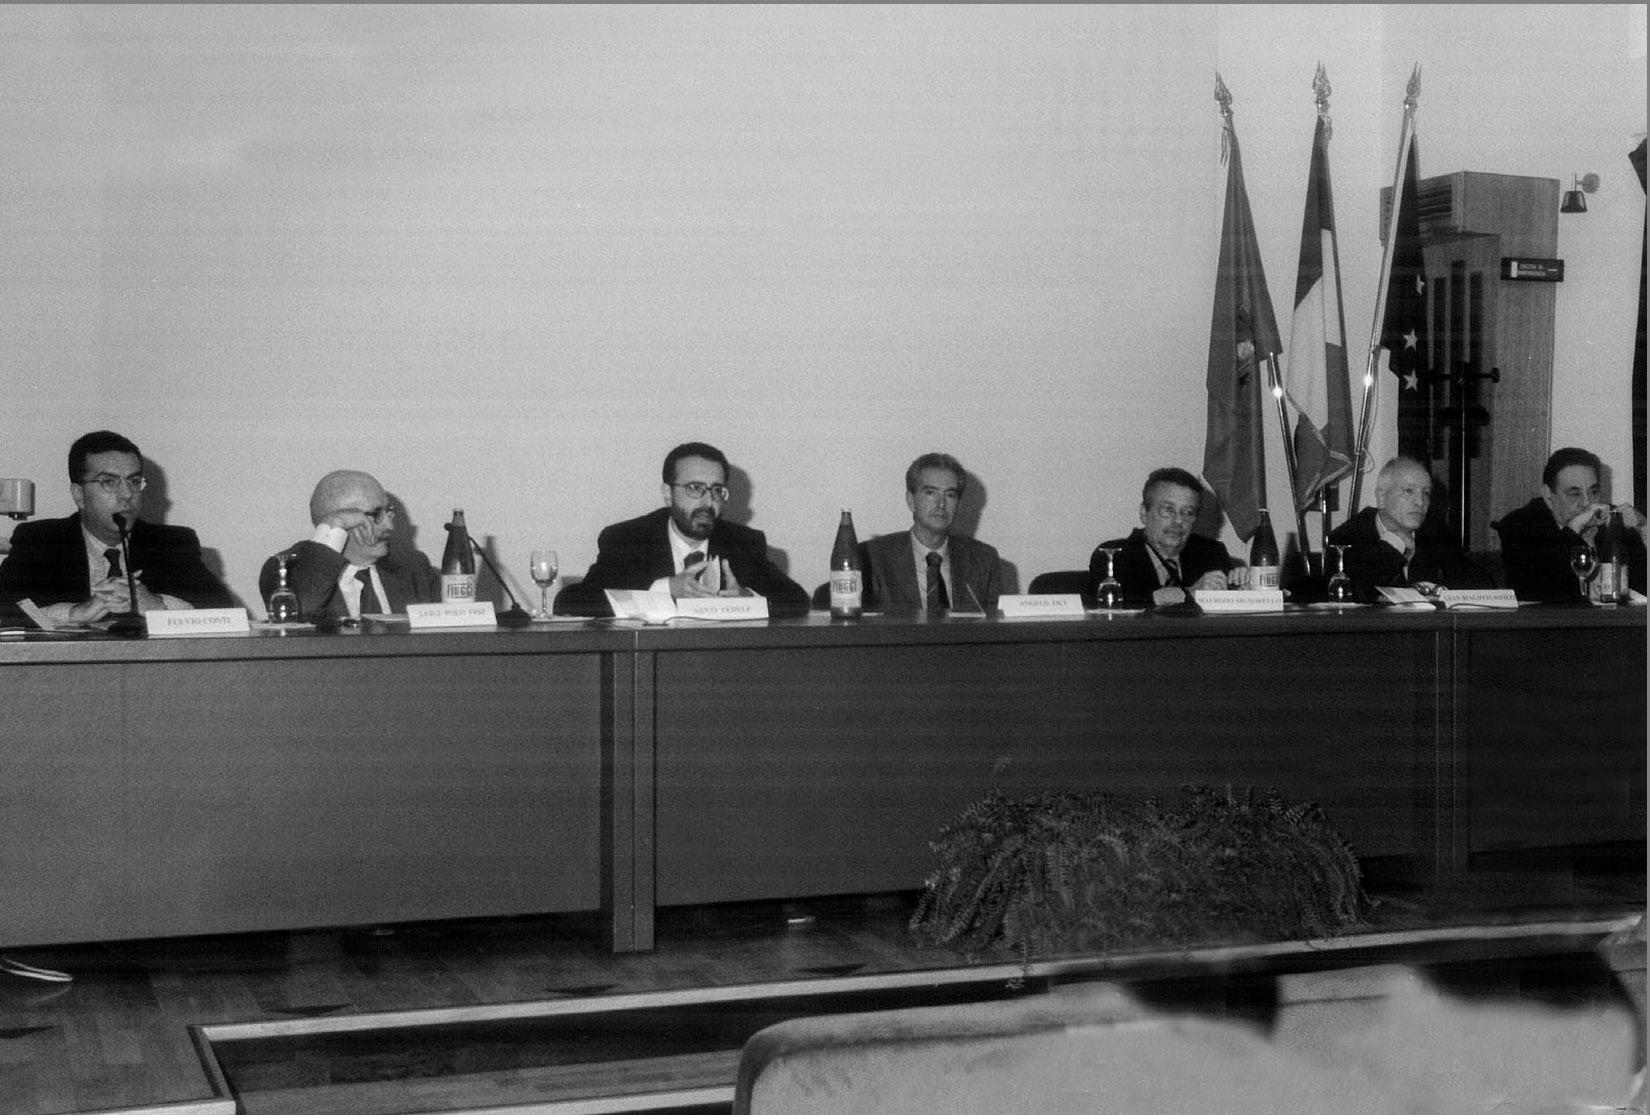 Convegno di studi sulla Massoneria realizzato a Marsala nel 2004. Al centro è riconoscibile lo storico Santi Fedele, attuale Gran Maestro Aggiunto. Luigi Polo Friz è al suo fianco, a sinistra.